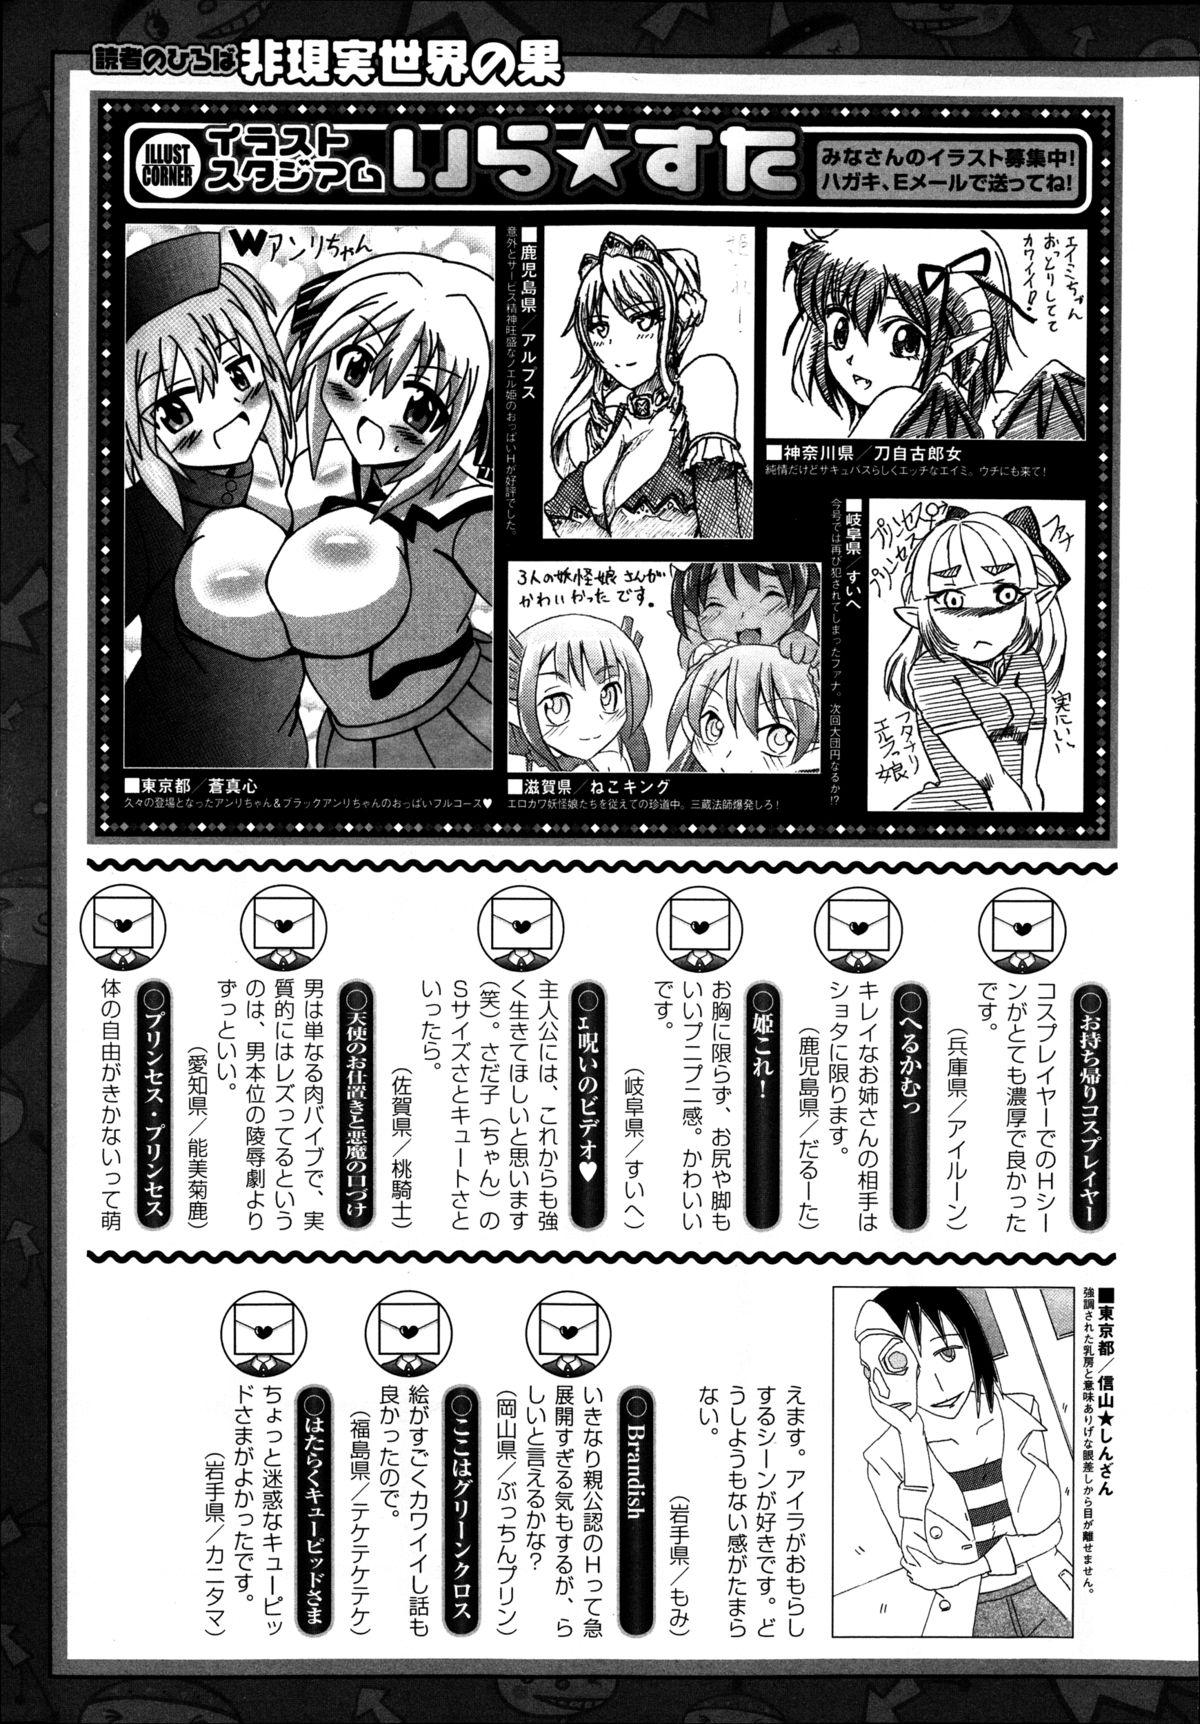 COMIC Unreal 2014-08 Vol.50 478